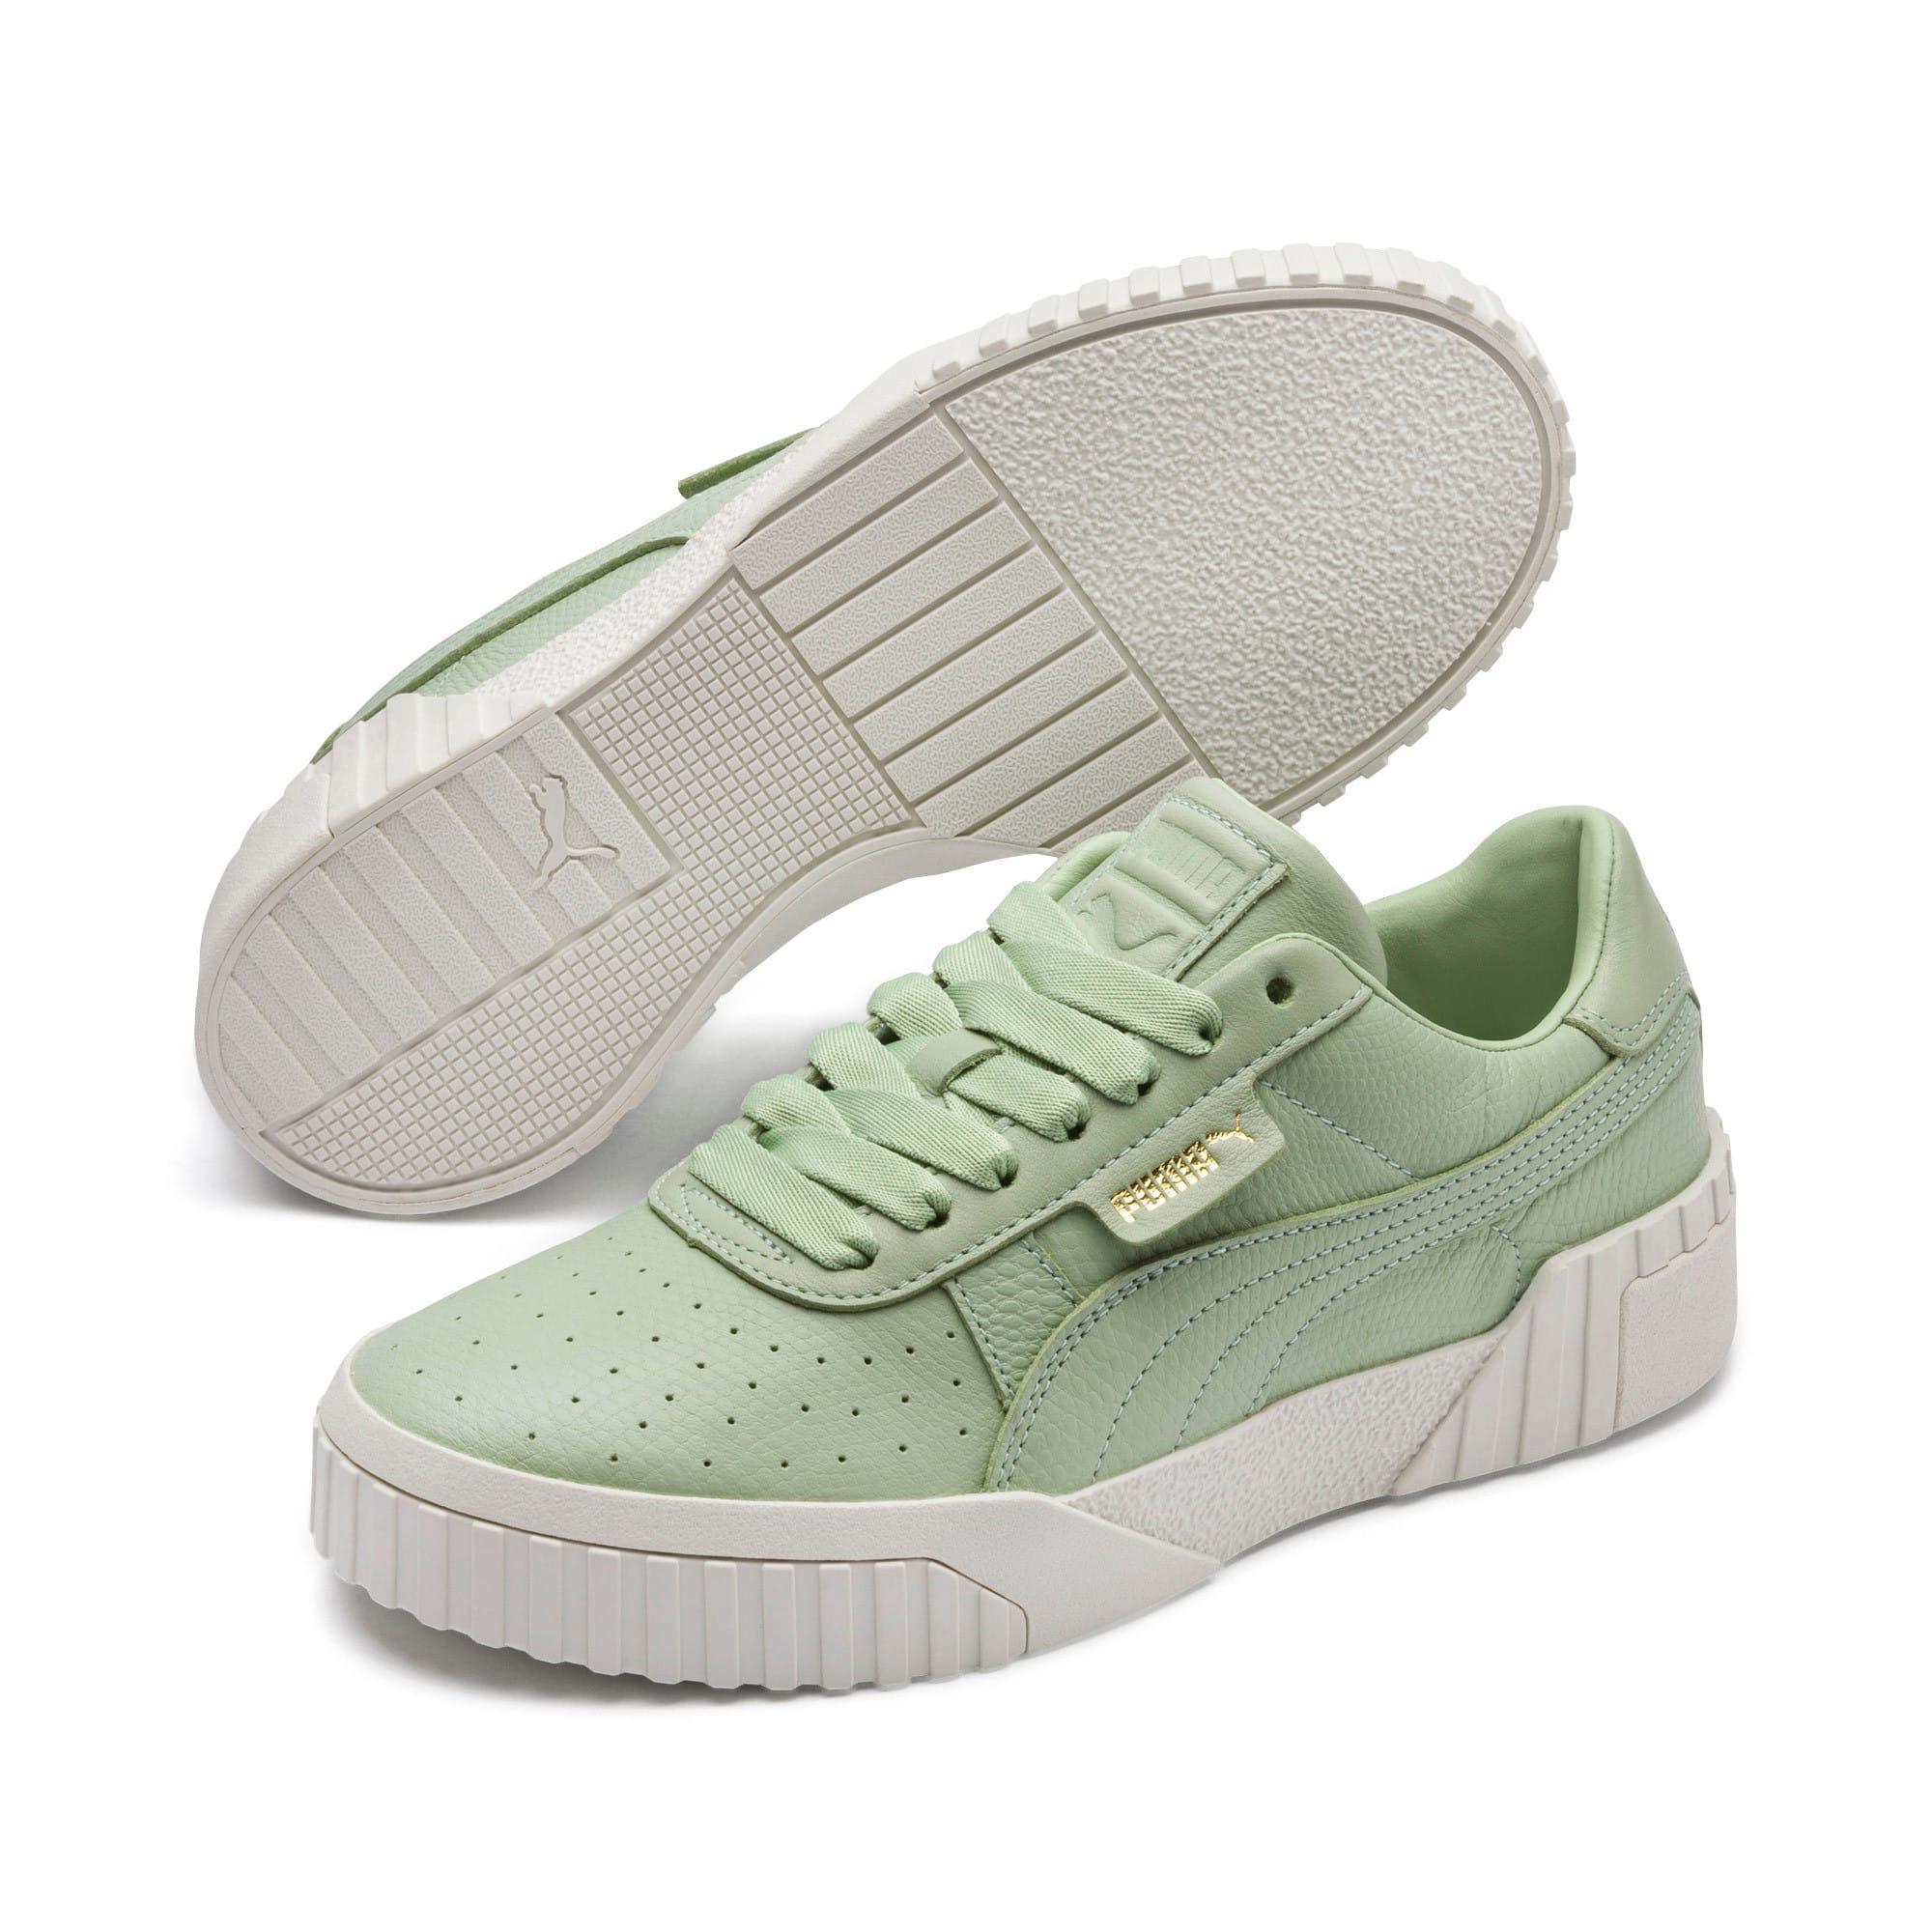 Thumbnail 3 of Cali Emboss Women's Sneakers, Smoke Green-Smoke Green, medium